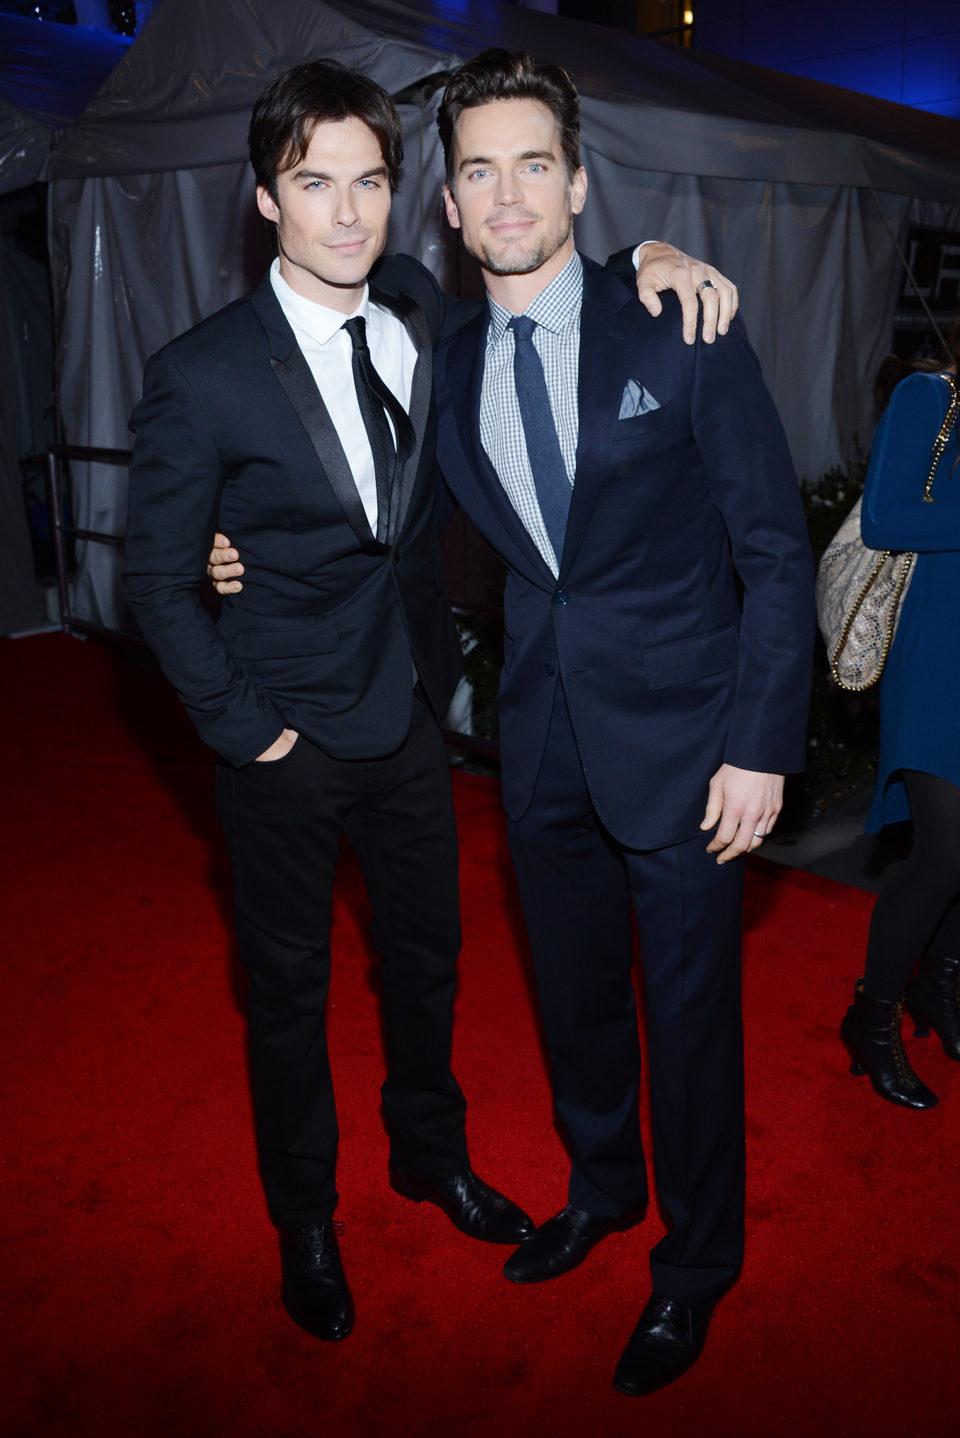 Ian Somerhalder y Matt Bomer en la gala de los People's Choice Awards 2013